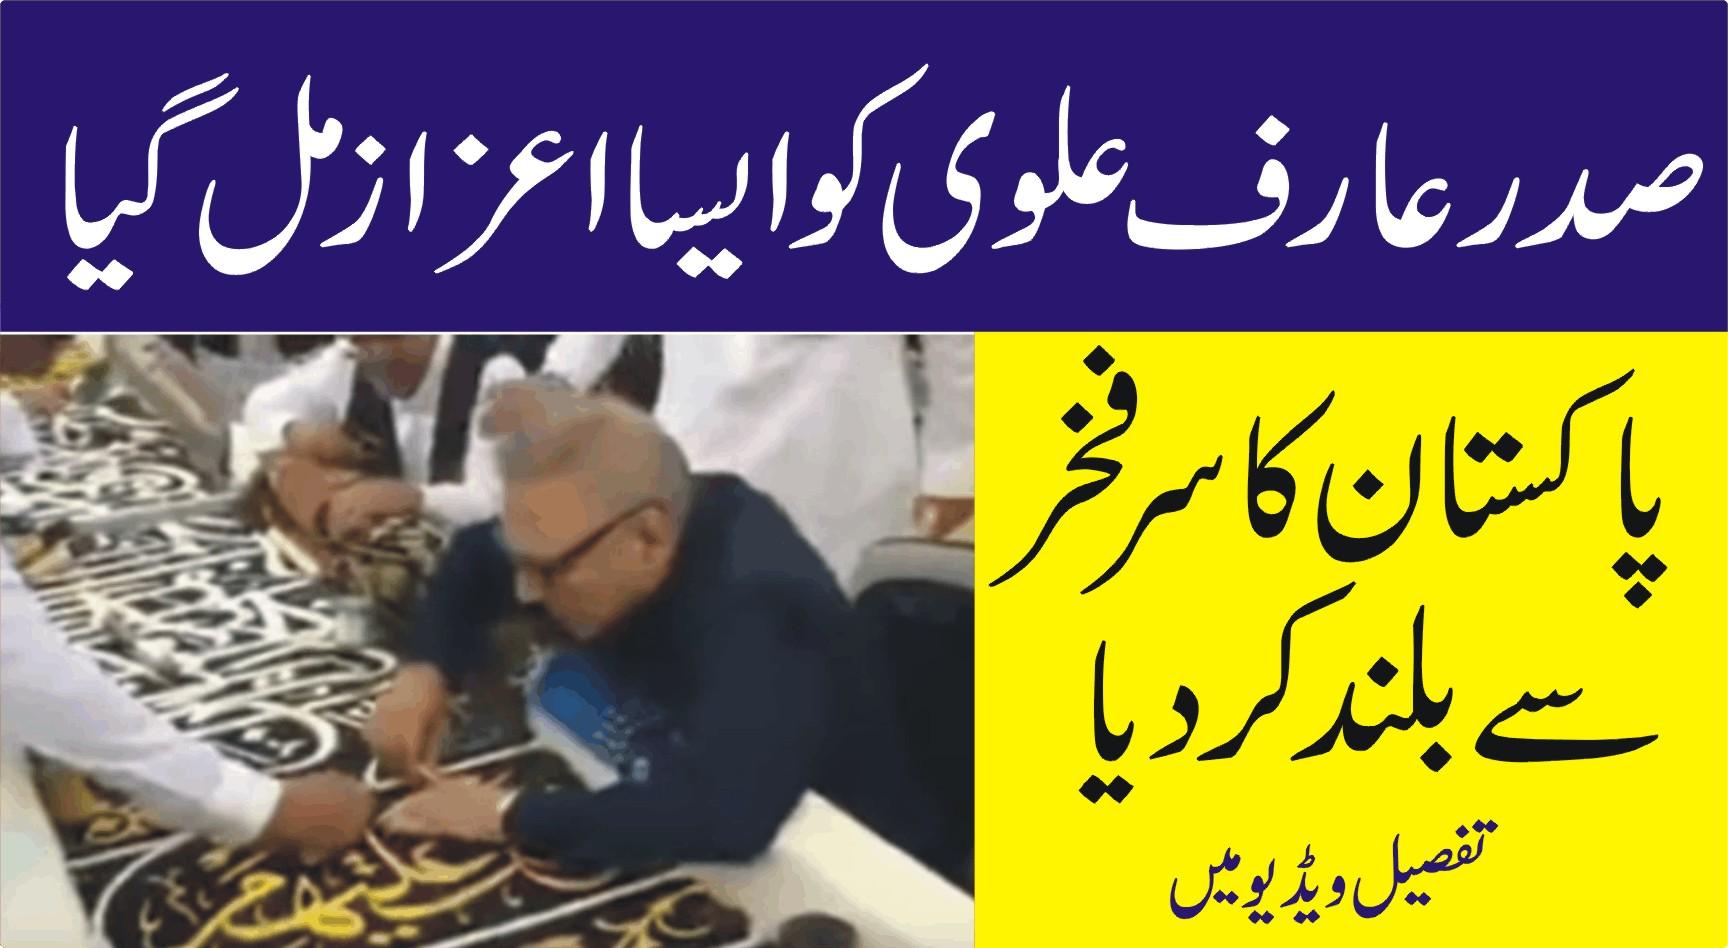 صدر پاکستان عارف علوی کو ایسا اعزاز مل گیا ، پاکستان کا سر فخر سے بلند کردیا